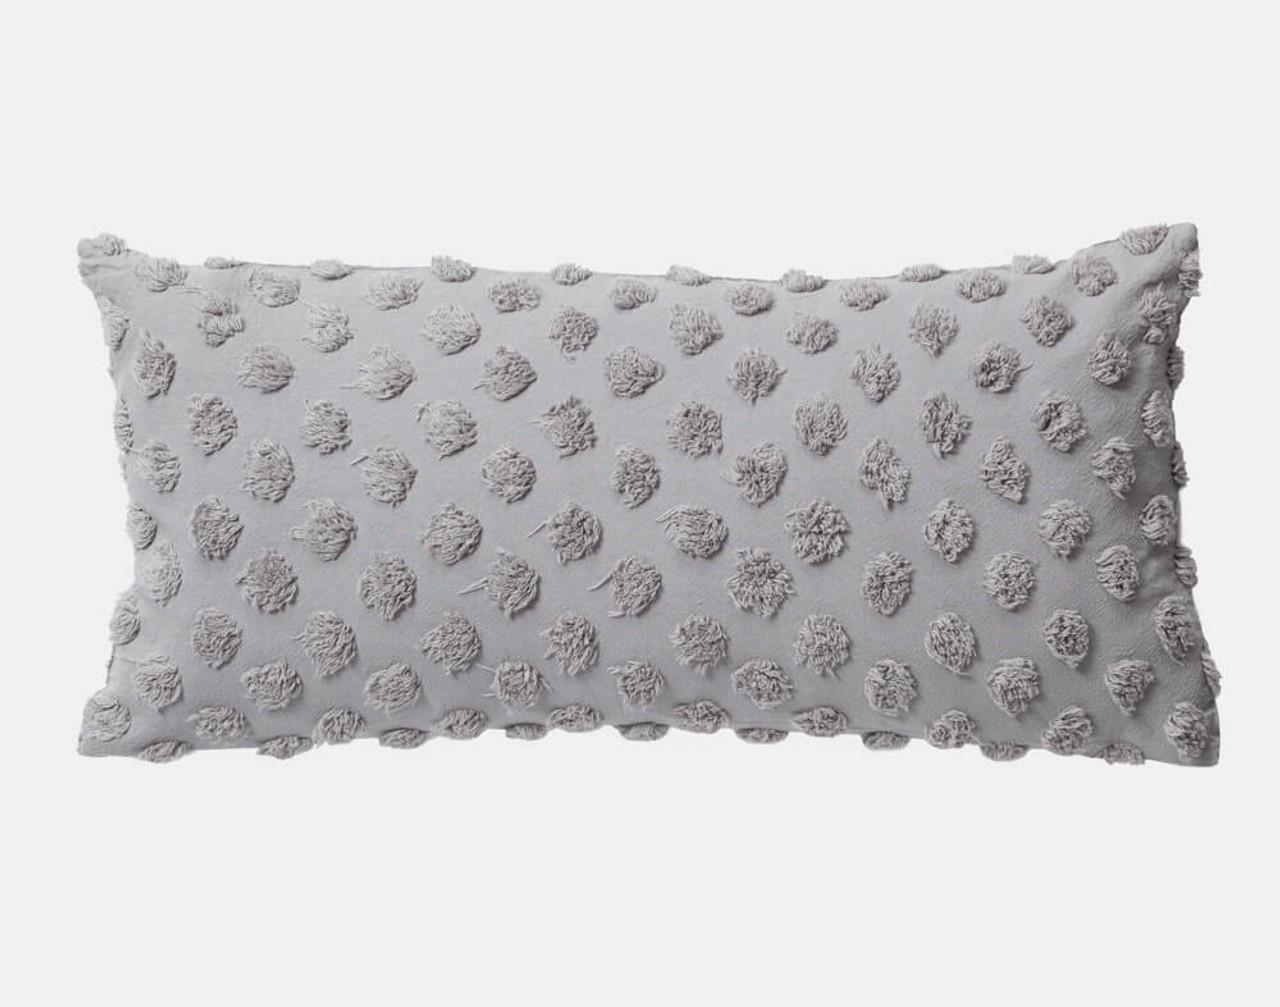 Tufted Boudoir Cushion Cover in Sleet grey.